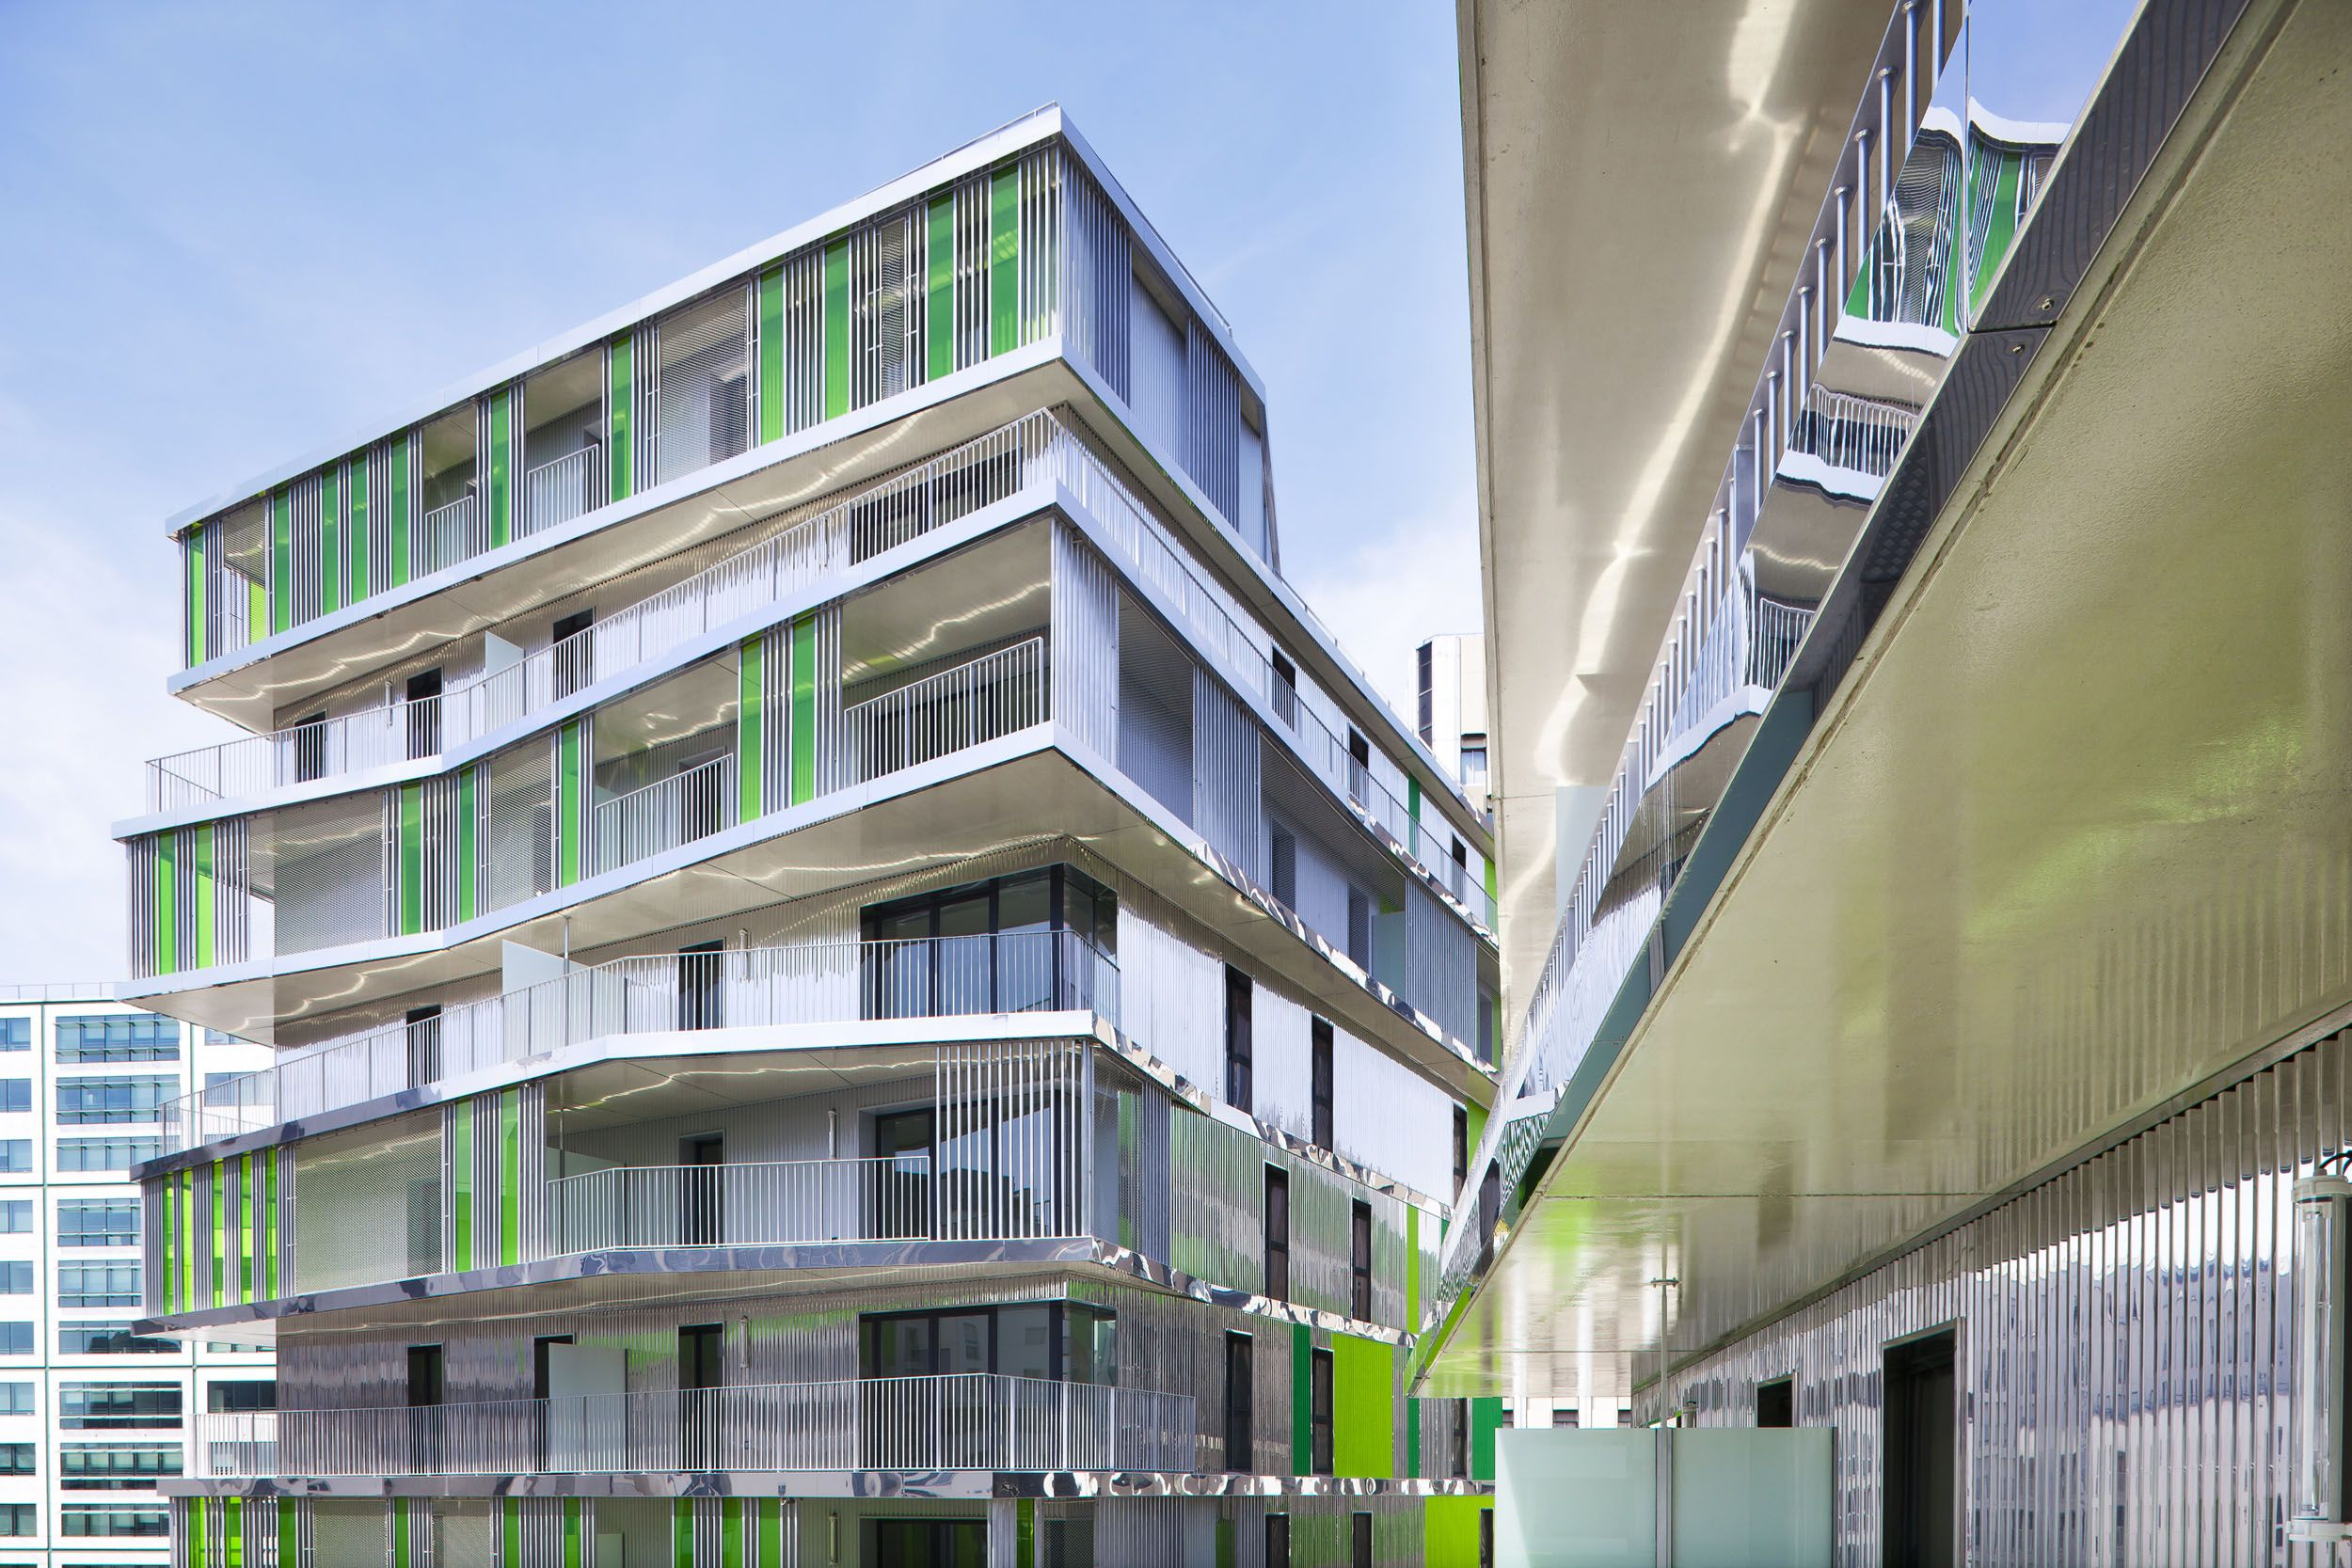 62 logements sociaux paris par hamonic masson architecture pinterest logement social. Black Bedroom Furniture Sets. Home Design Ideas